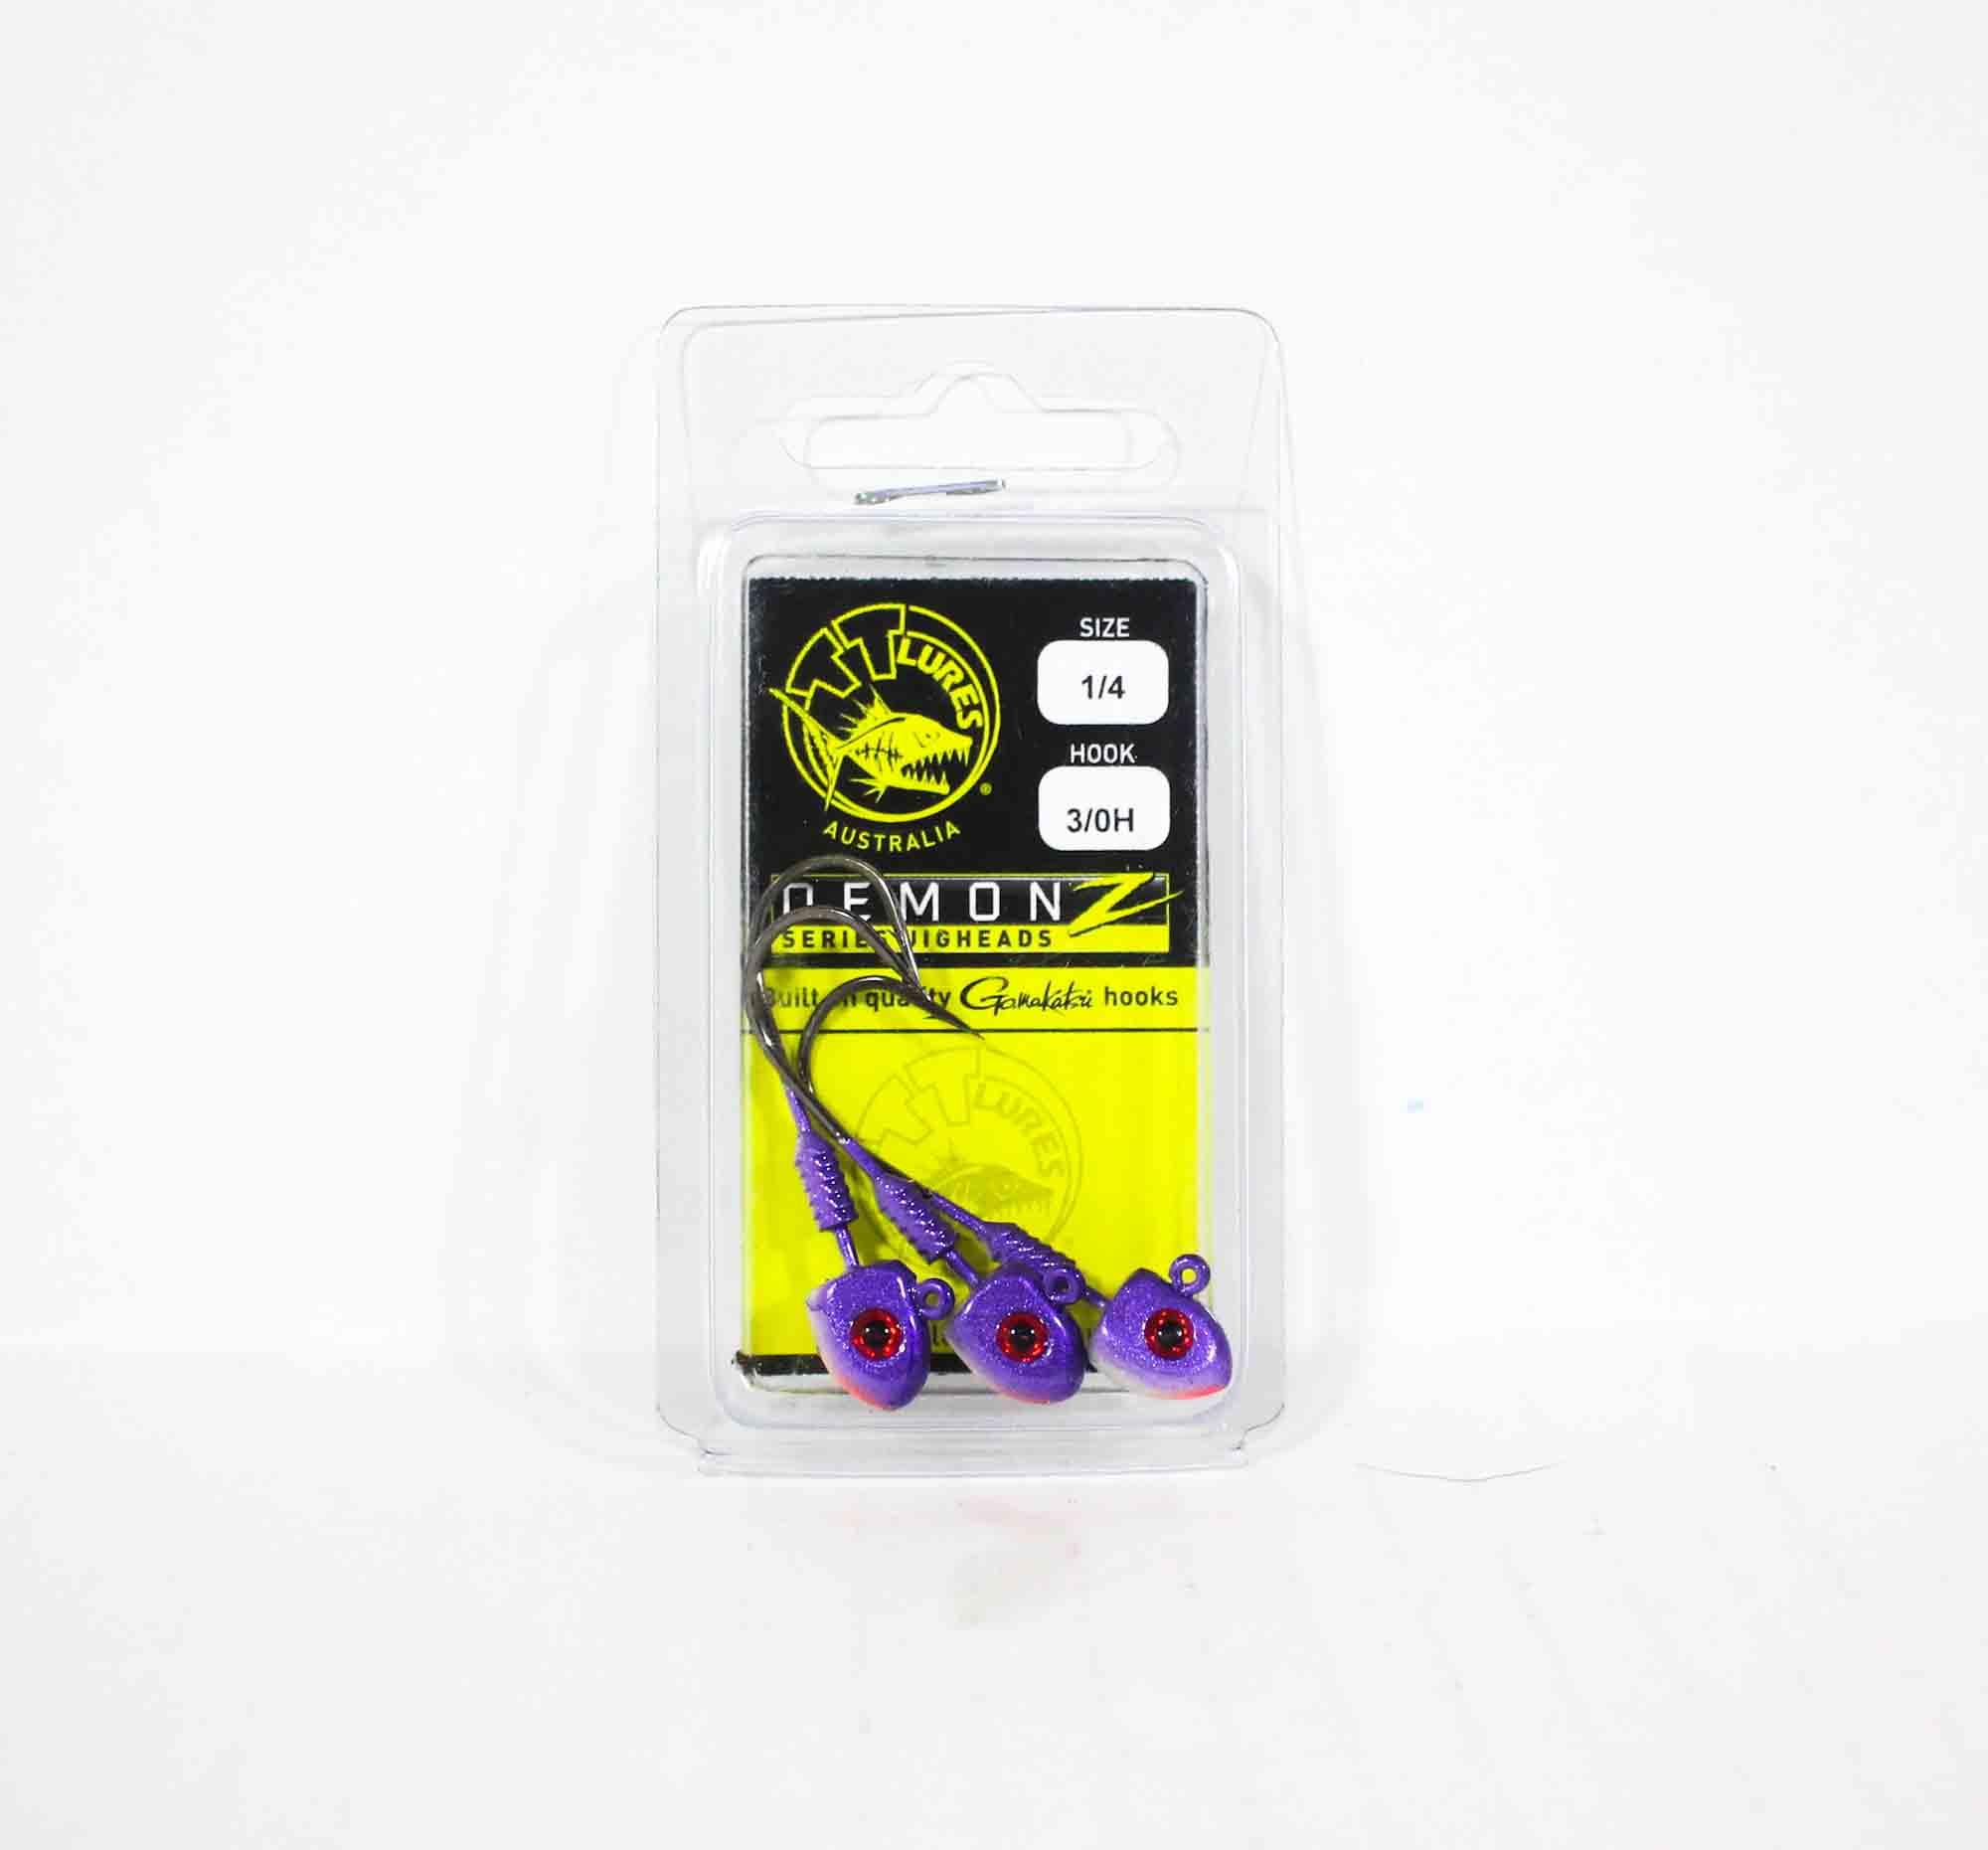 Tackle Tactics TT Demonz Jig Head 1/4oz 3/0H 3 per pack Purple Minnow (7426)